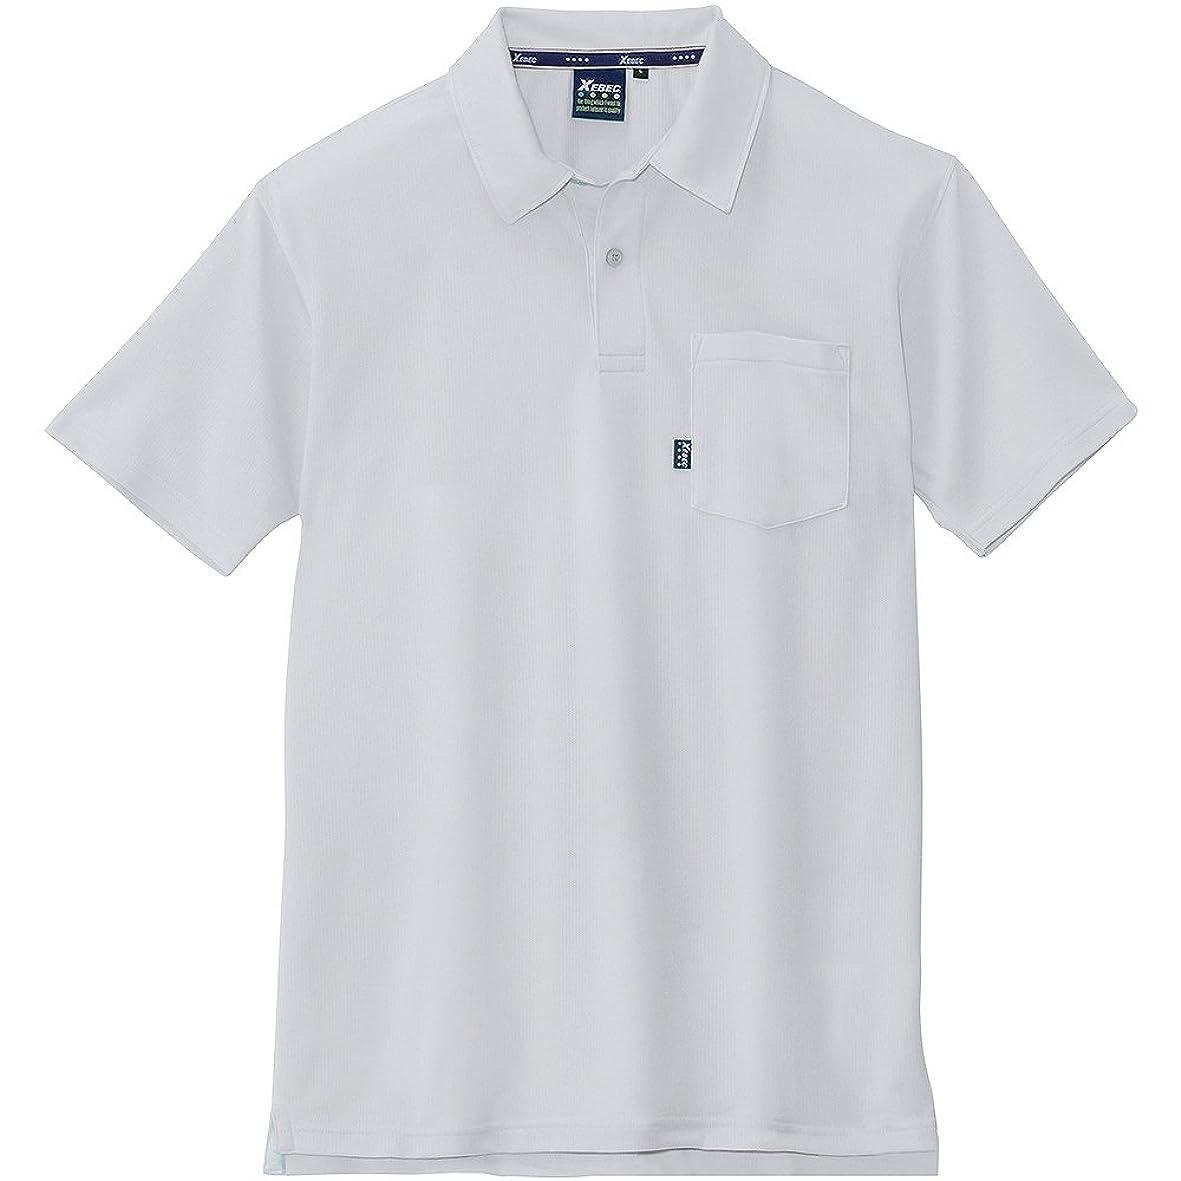 前奏曲実業家メンタリティジーベック 半袖ポロシャツ 大きいサイズ 22/シルバーグレー 6140 5L